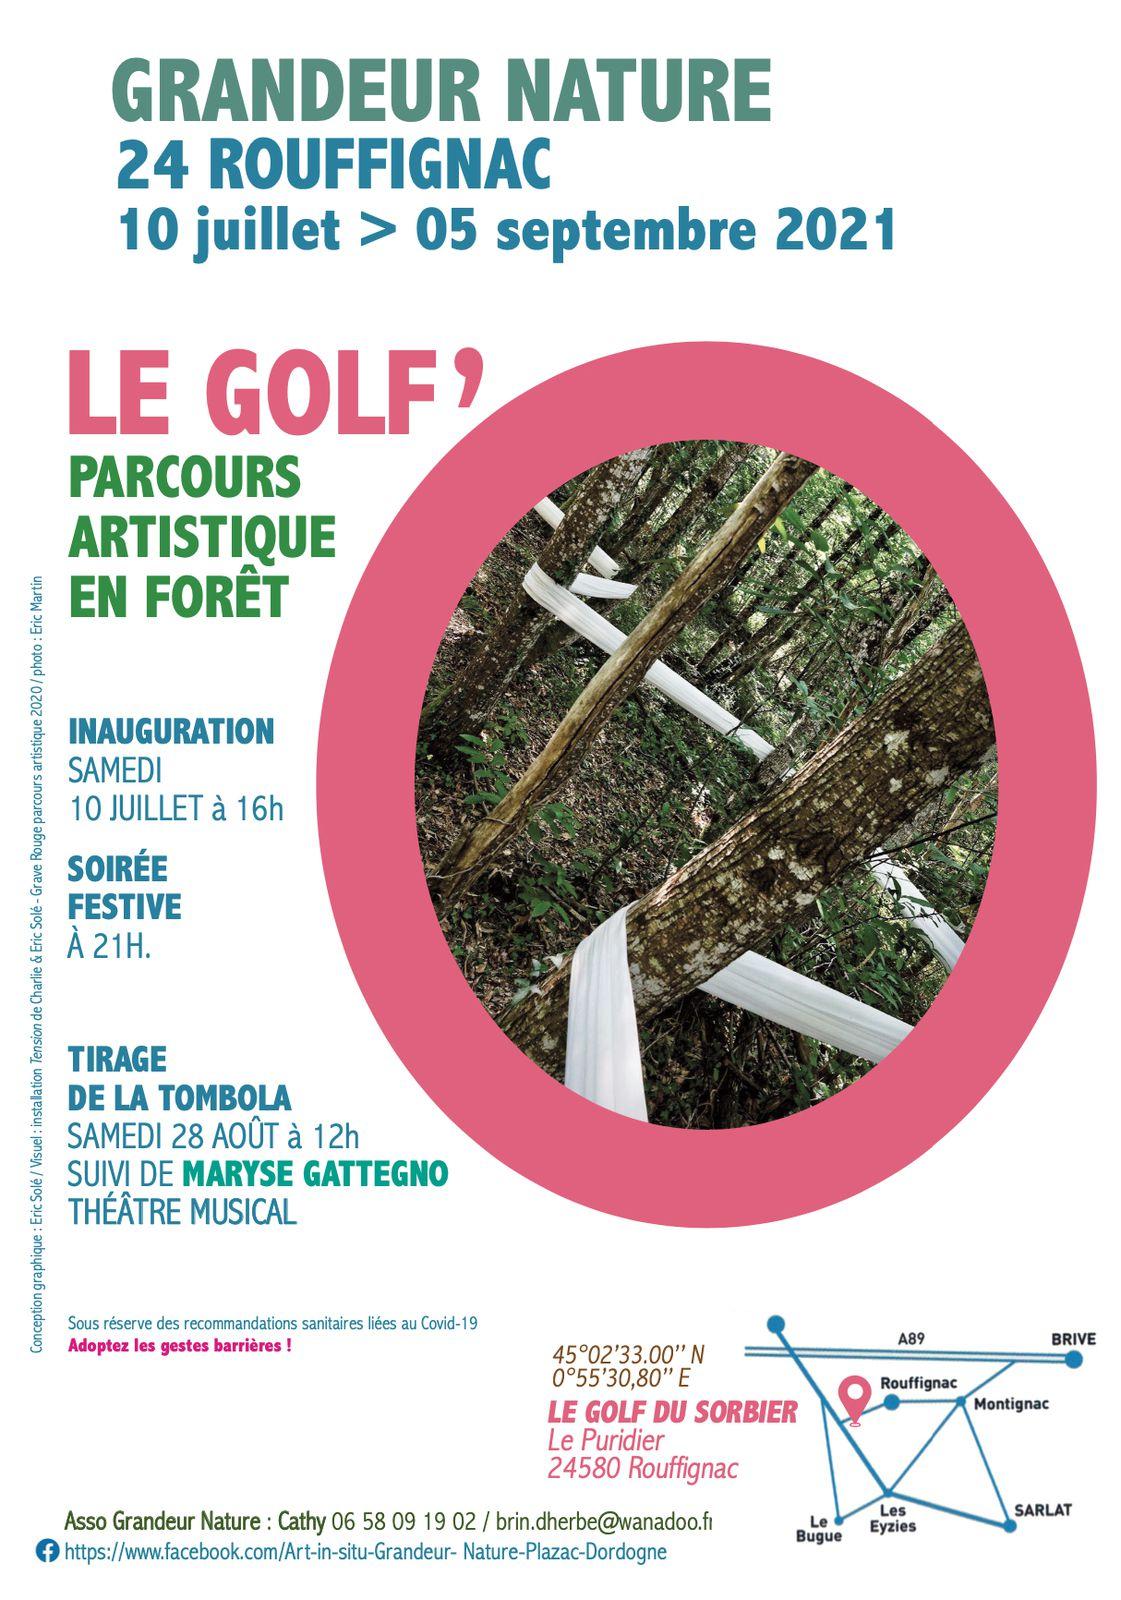 Inauguration du Parcours d'artistes 2021 au Golf'O à Rouffignac (24) le 10 juillet